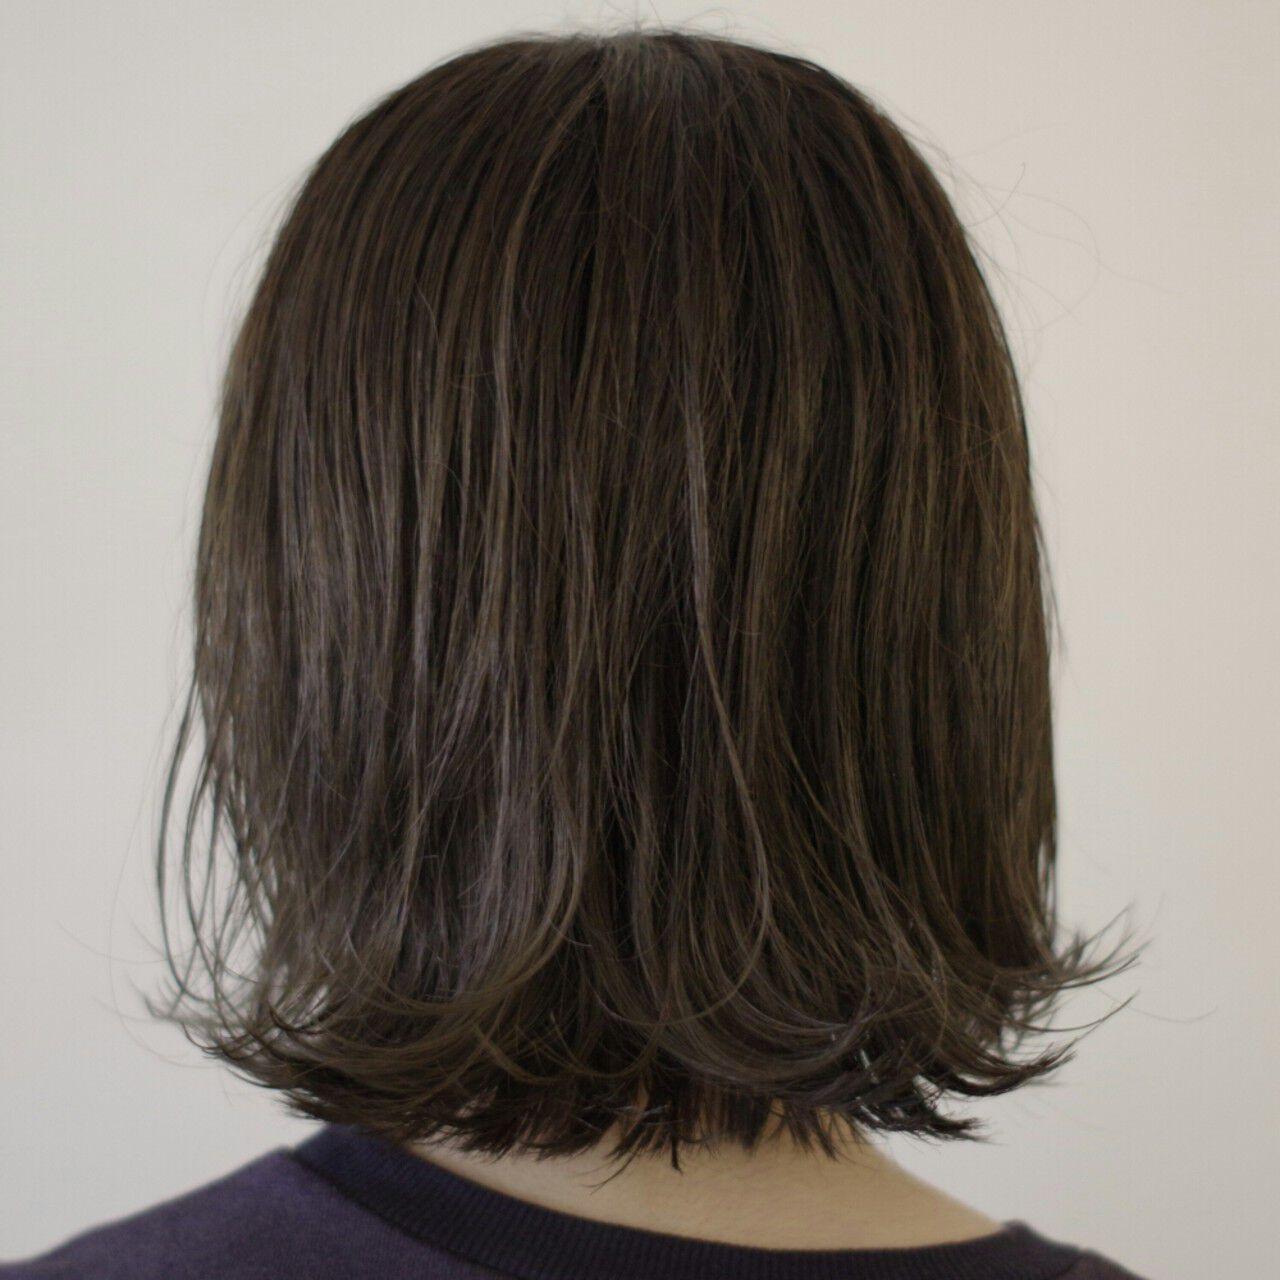 色気 ウェットヘア ネイビー モードヘアスタイルや髪型の写真・画像